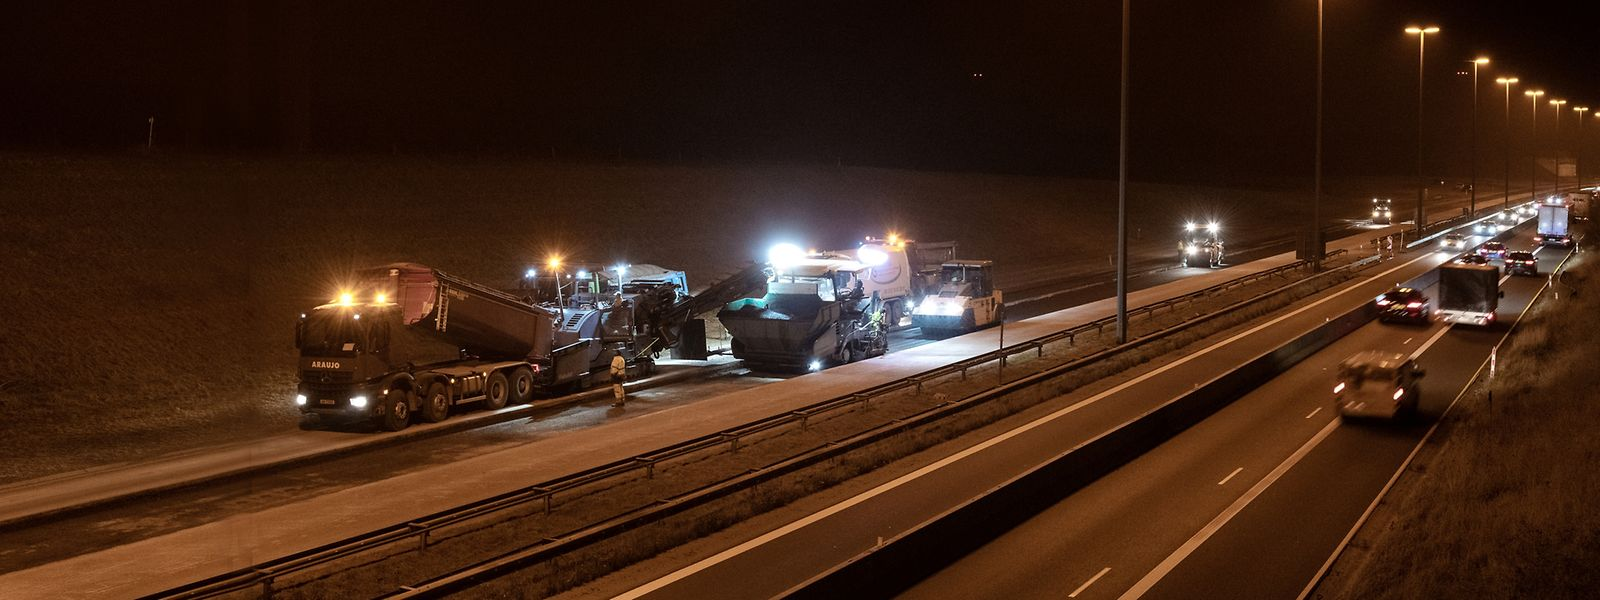 Seit dem Beginn der Baustelle staut sich der Verkehr regelmäßig an der belgischen Grenze.